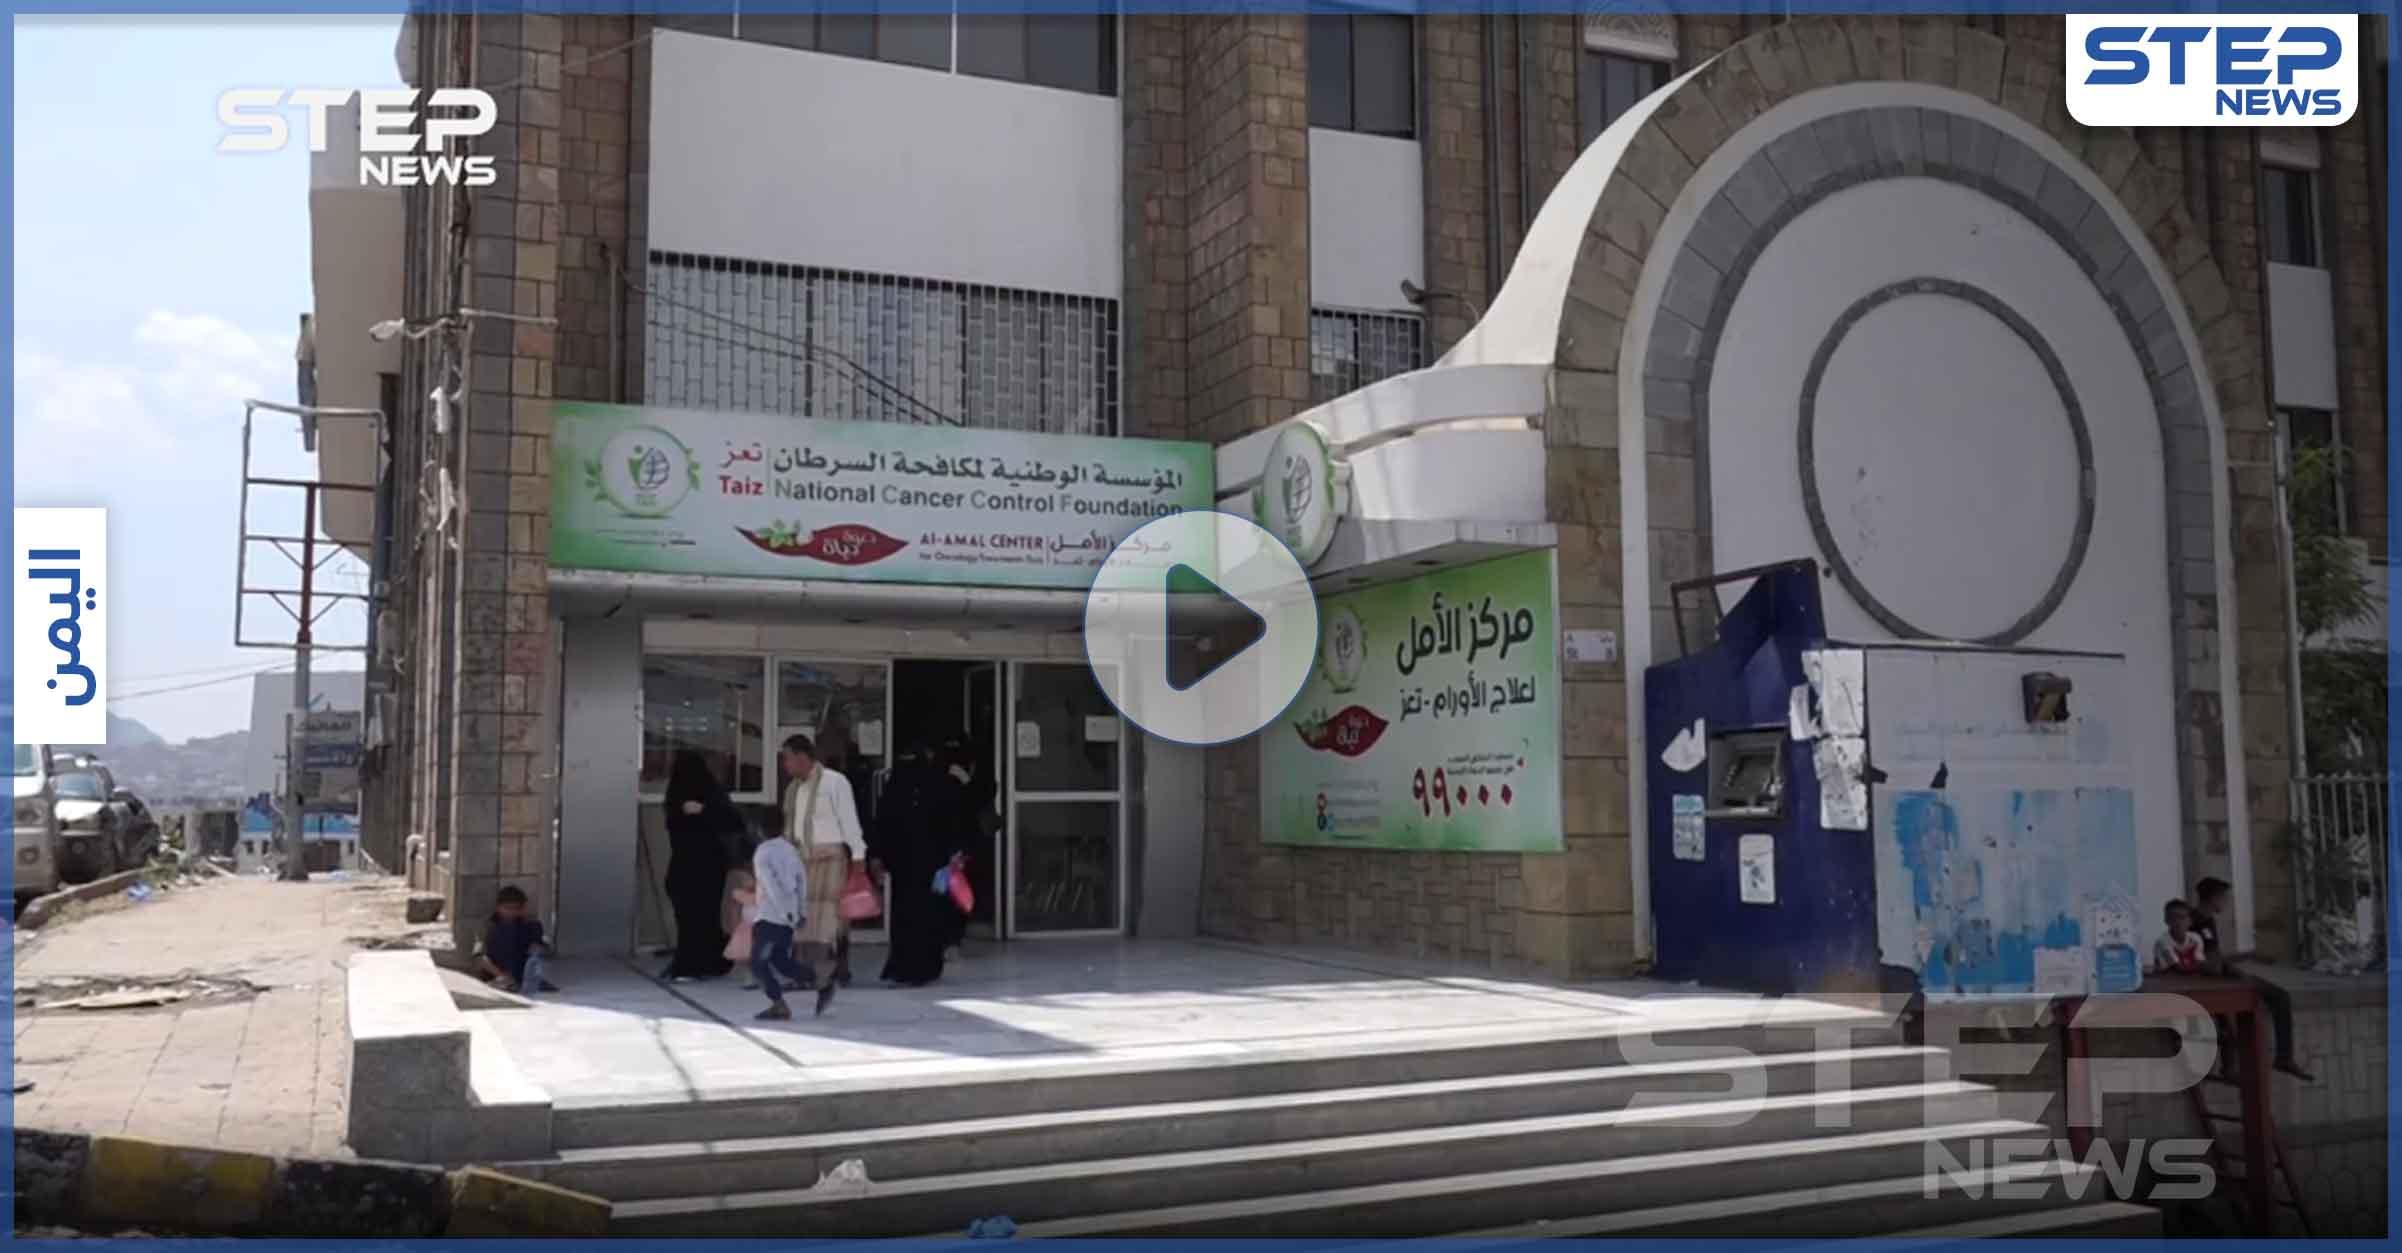 ازدياد ملحوظ بمرضى السرطان في اليمن وصعوبات تواجه القطاع الصحي في تعز